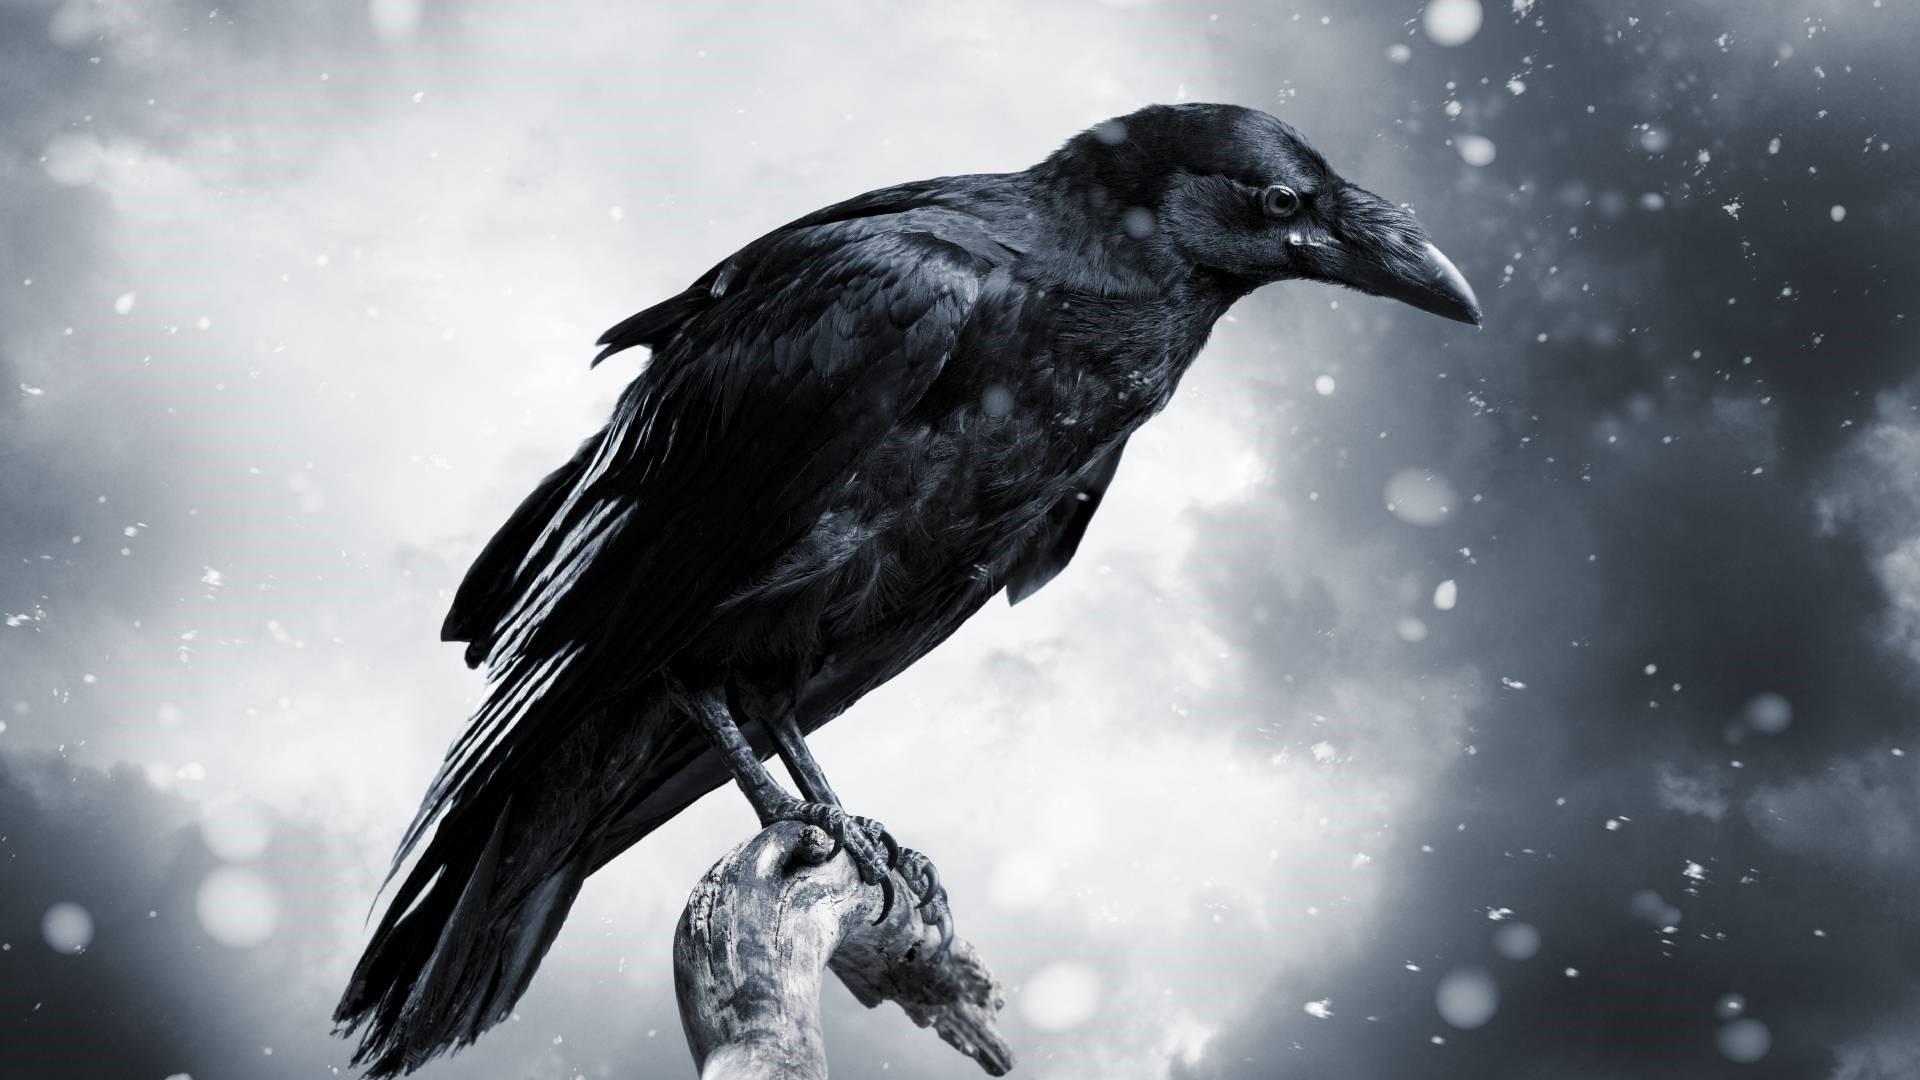 Raven hd wallpaper download